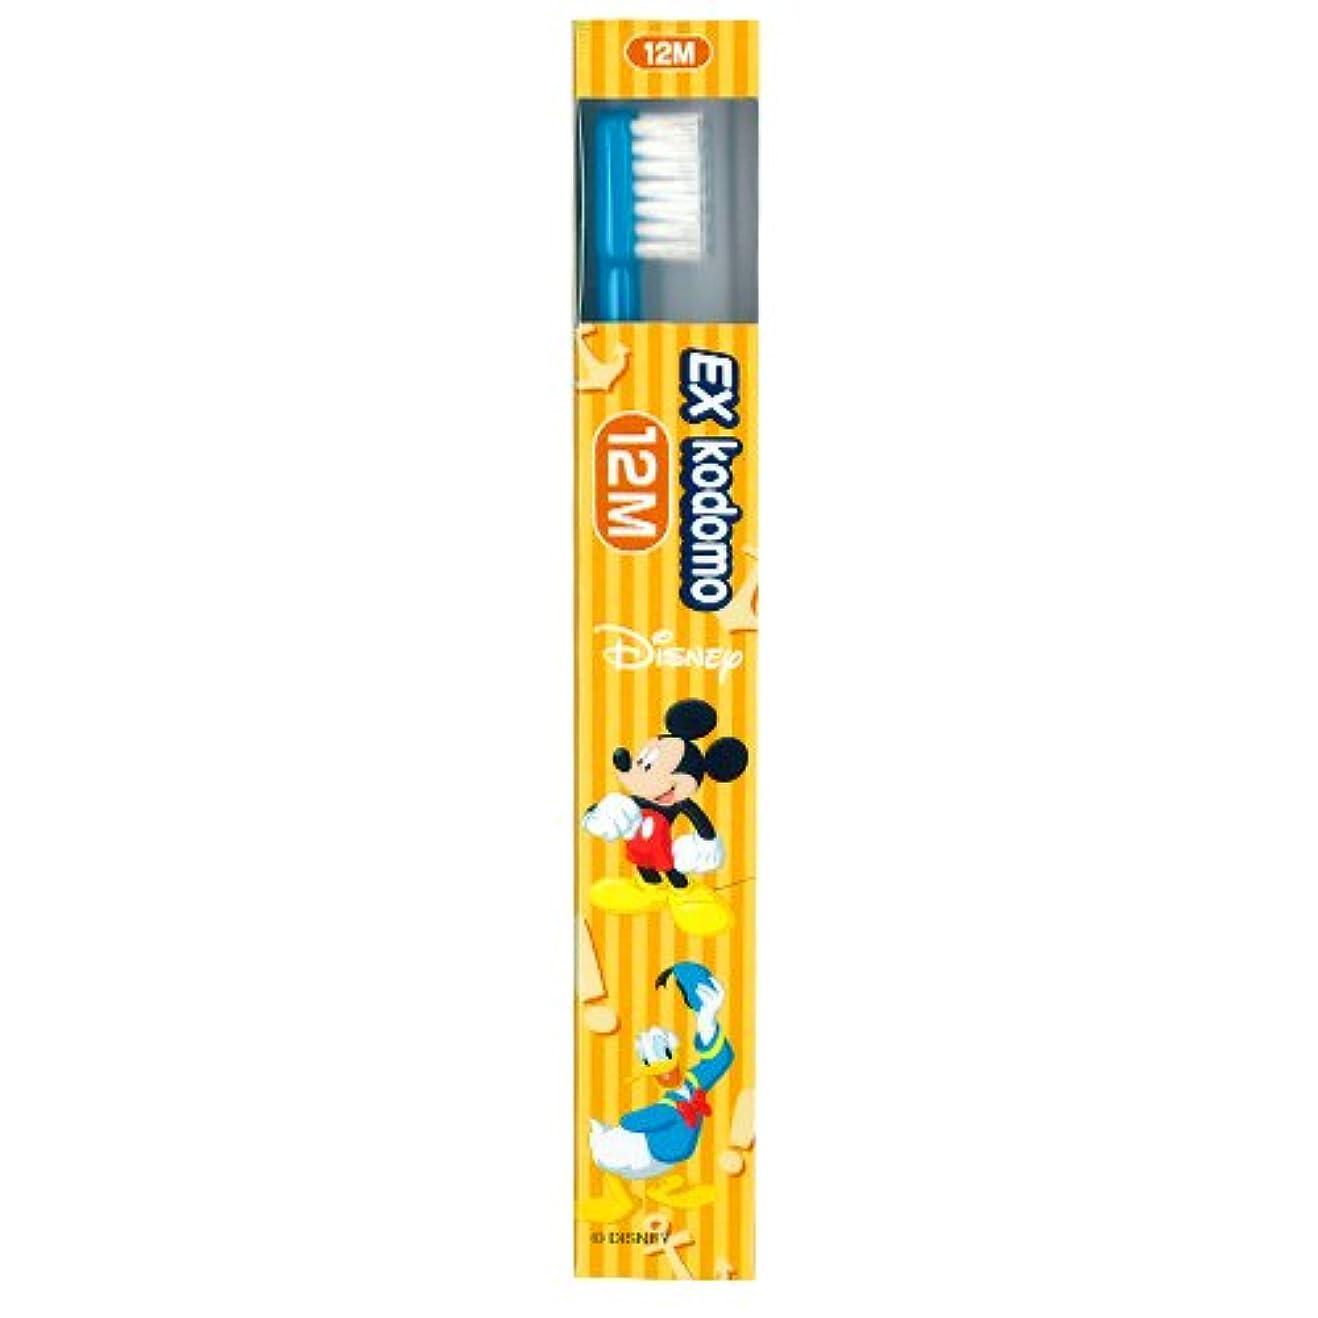 ワーカー火炎マイクロプロセッサライオン EX kodomo ディズニー 歯ブラシ 1本 12M ブルー